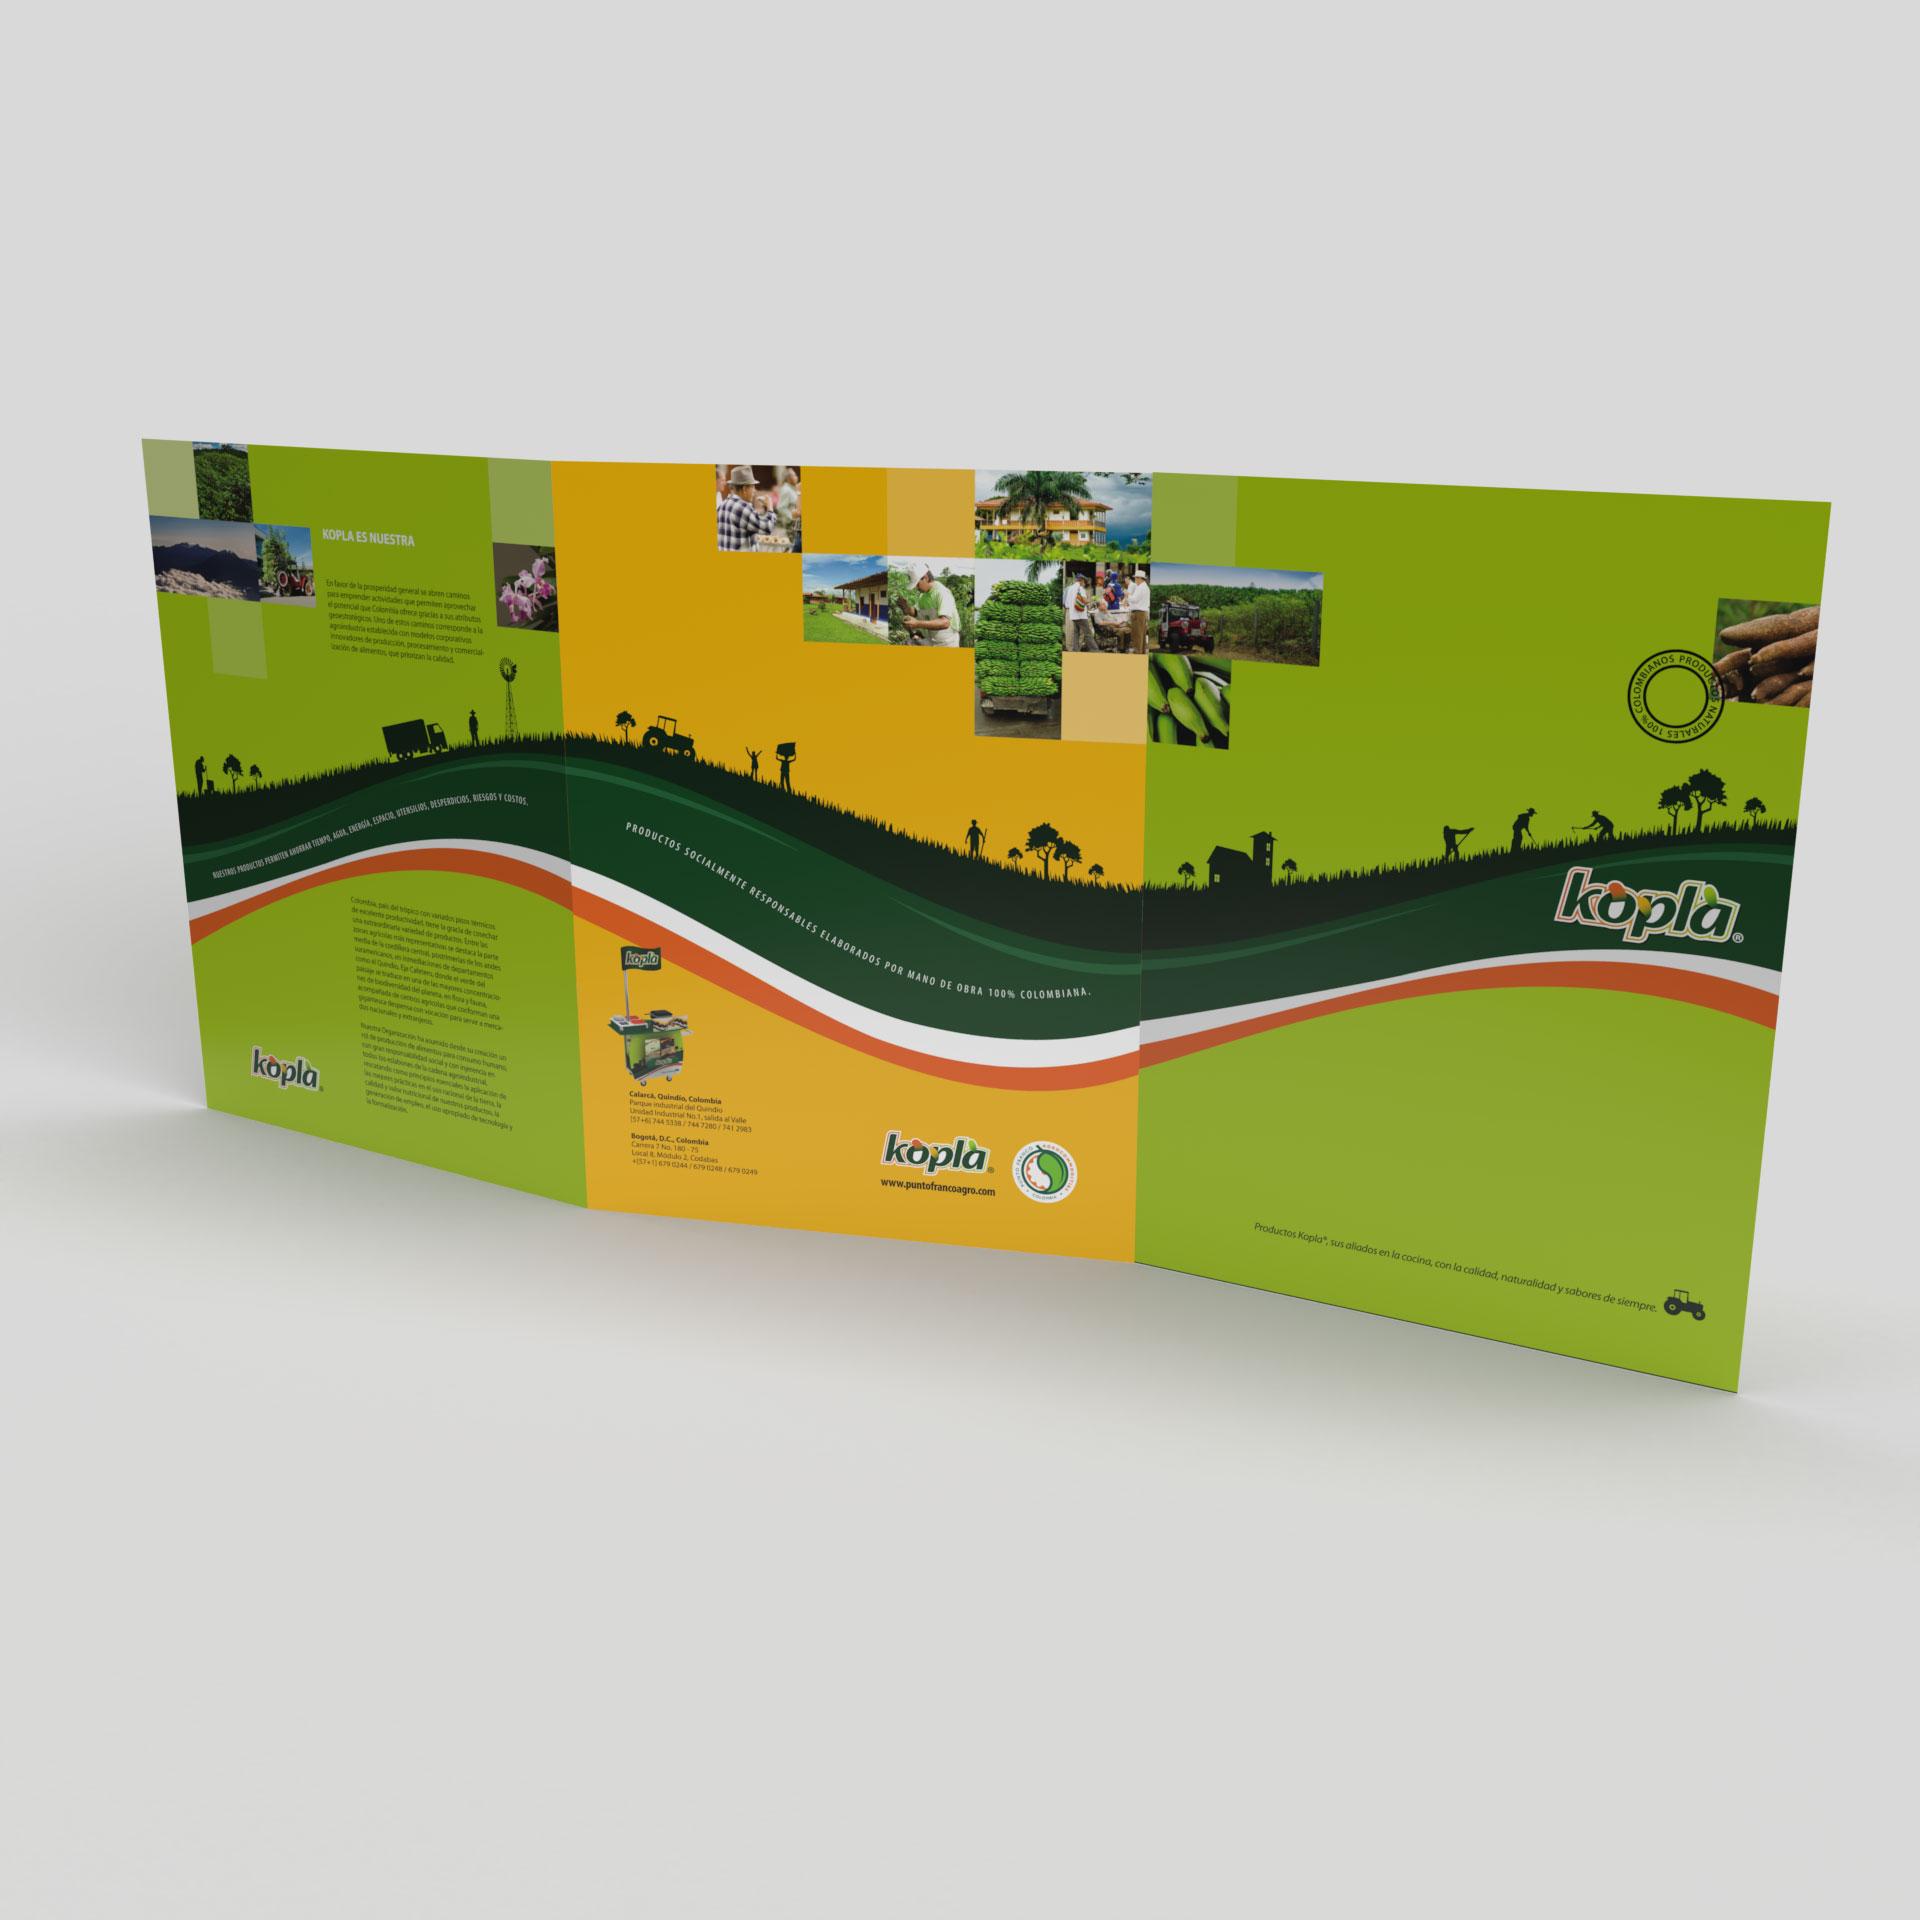 Portafolio de Productos marca Kopla